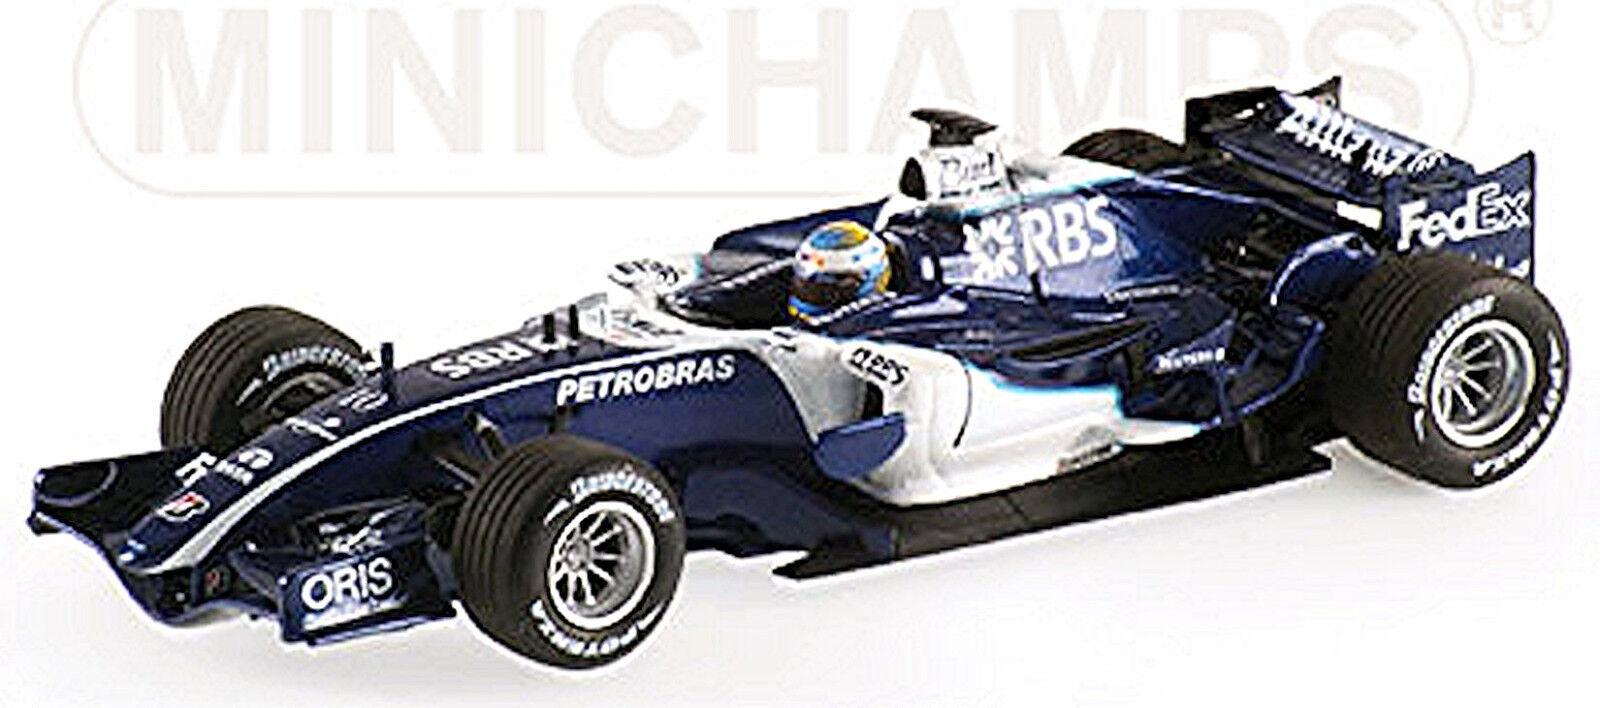 entrega gratis Williams Williams Williams Cosworth FW28 Nico Rosberg 2006  10 - 1 43 Minichamps  buena calidad